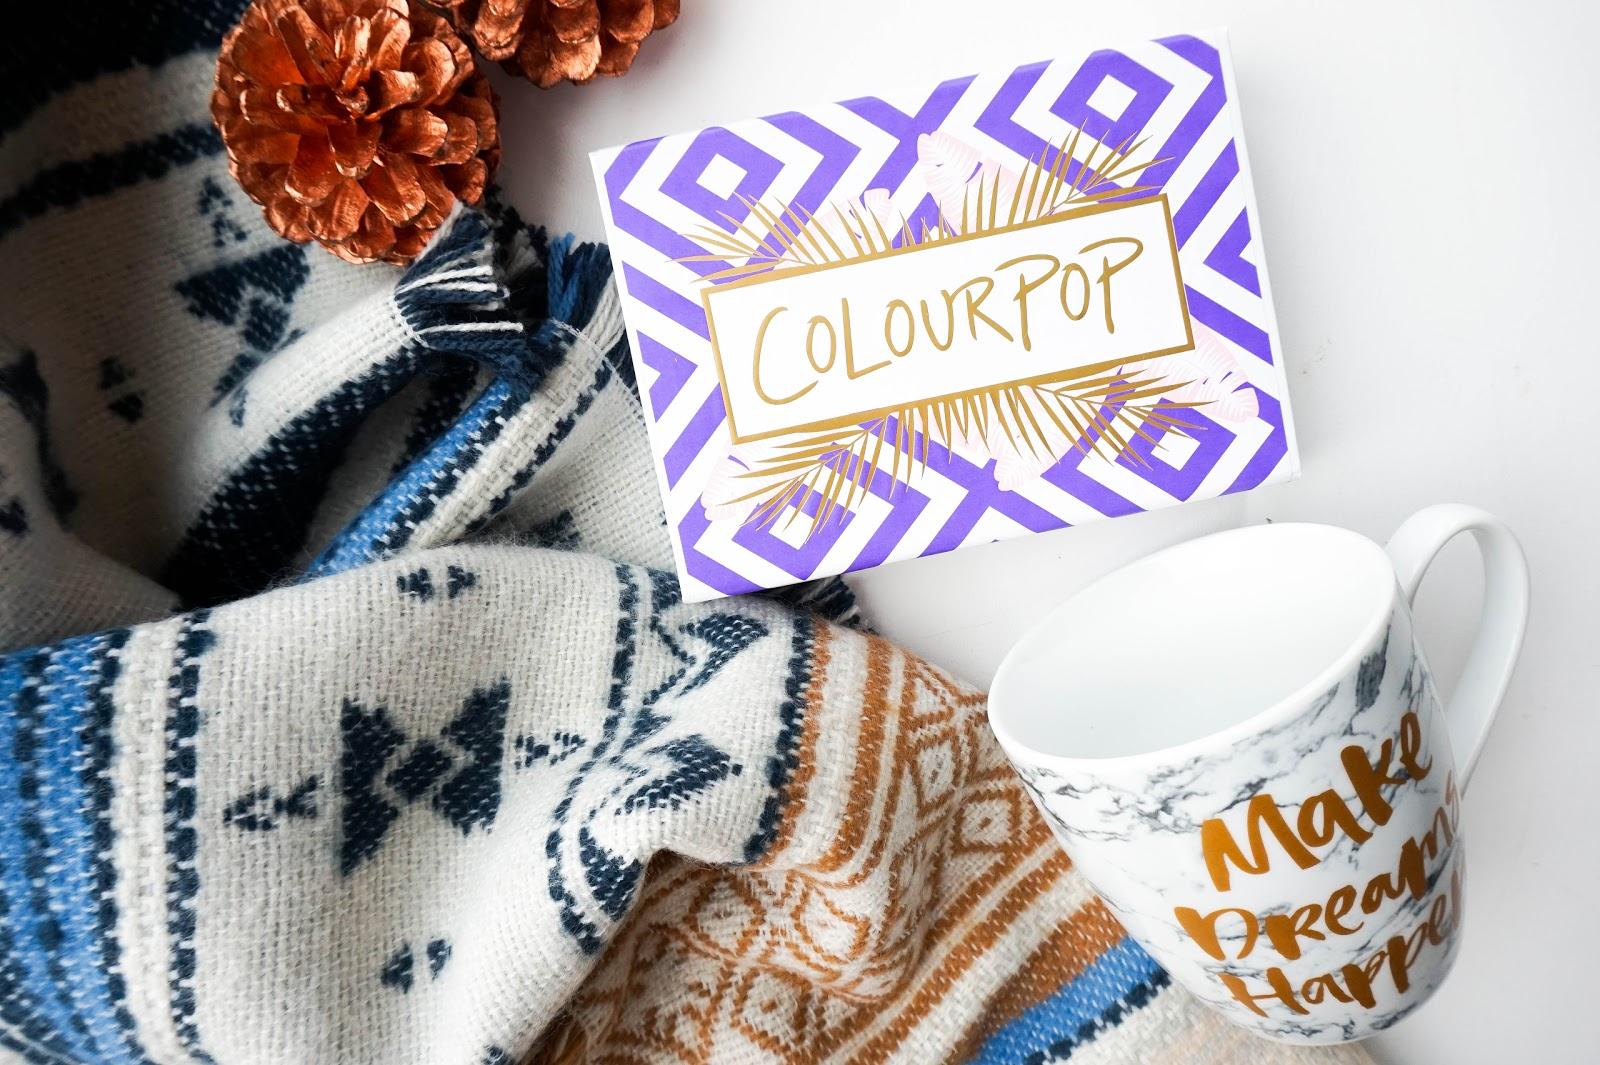 Colourpop Staycation Lippie Stix Set